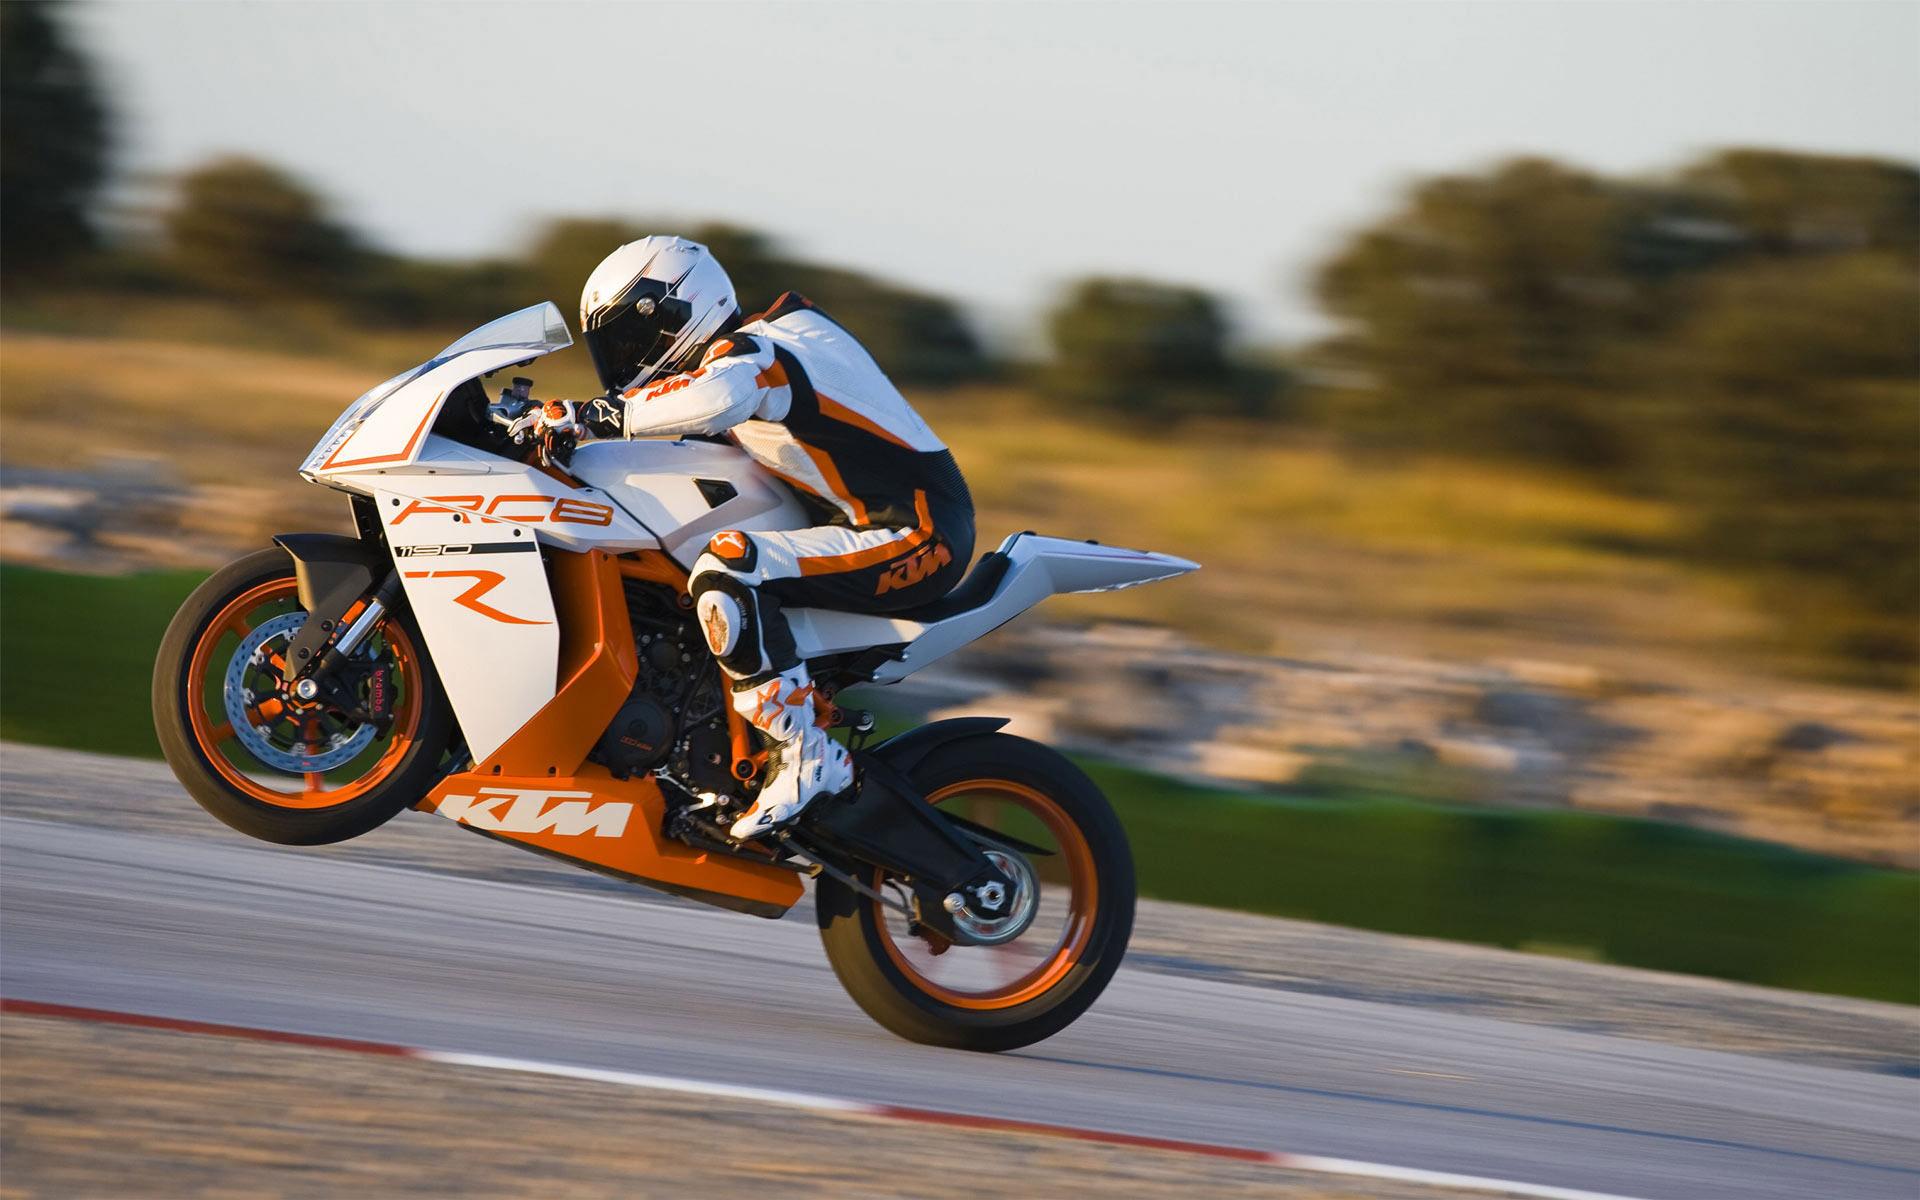 MotoGP wallpaper 4221 1920x1200